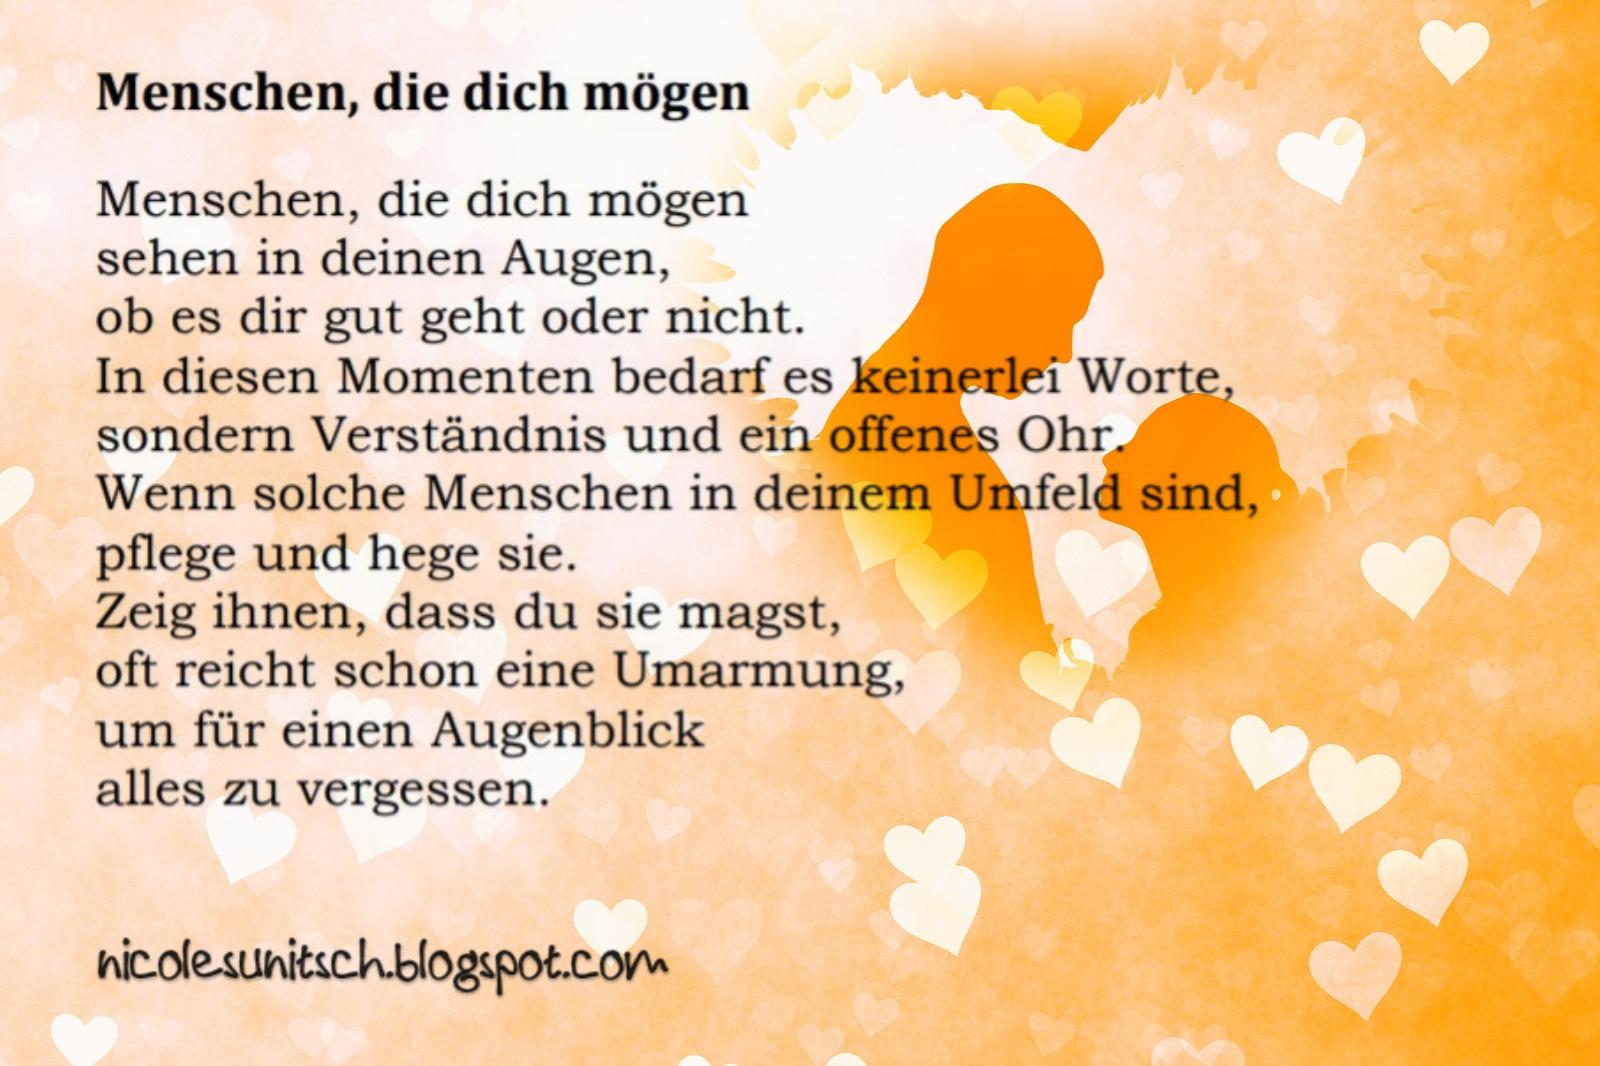 Gedichte Von Nicole Sunitsch Autorin Spruche Menschen Aus